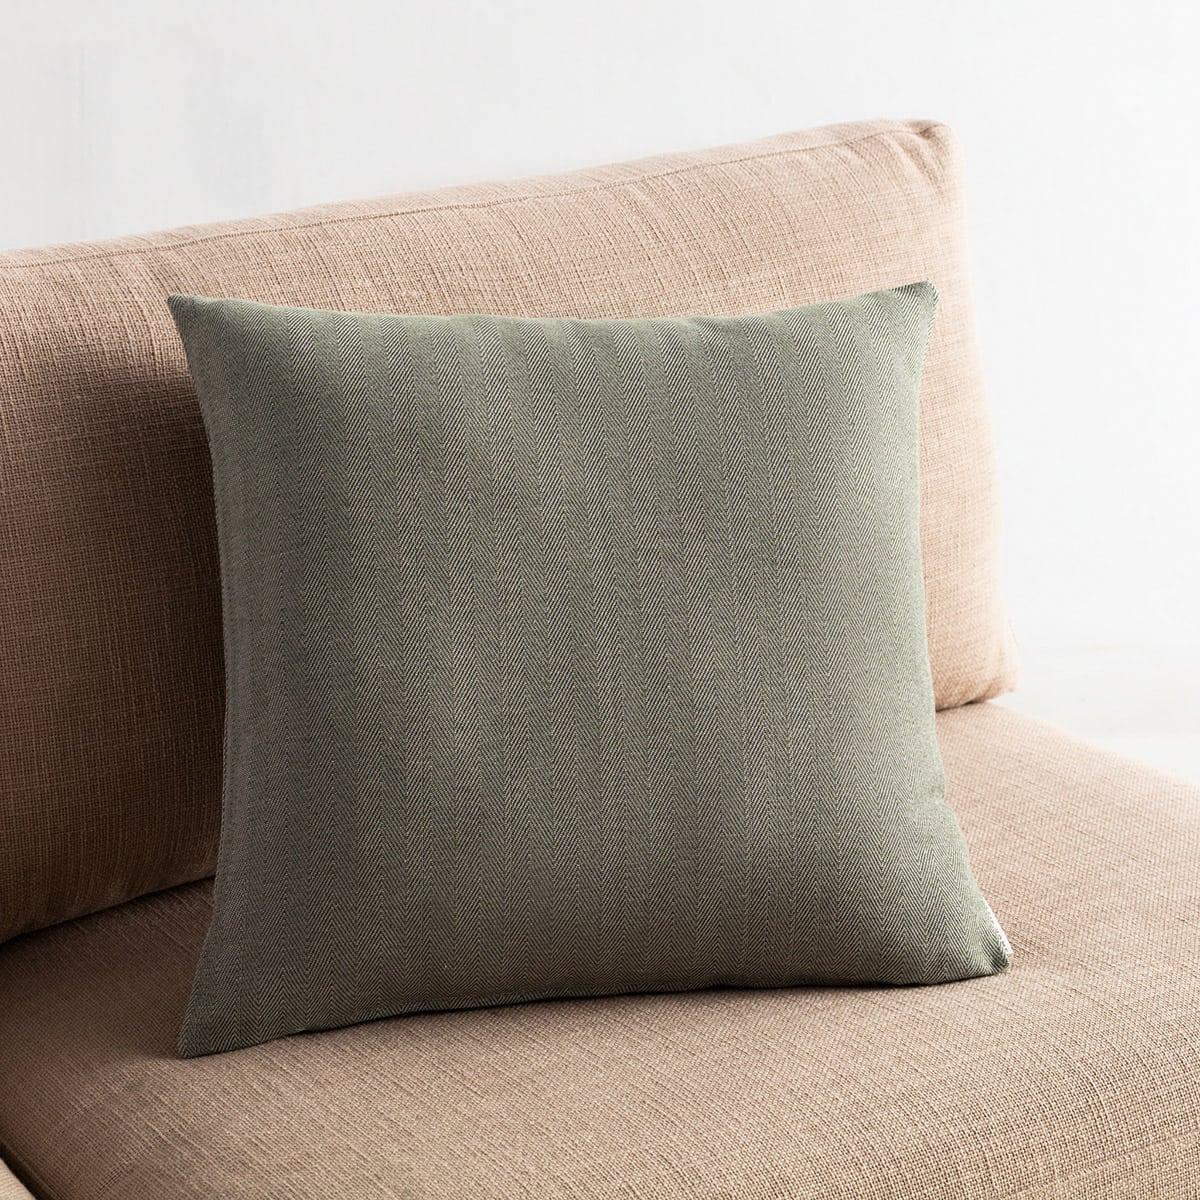 Μαξιλαροθήκη Διακοσμητική Rene 732/30 Khaki Gofis Home 50X50 Βαμβάκι-Polyester